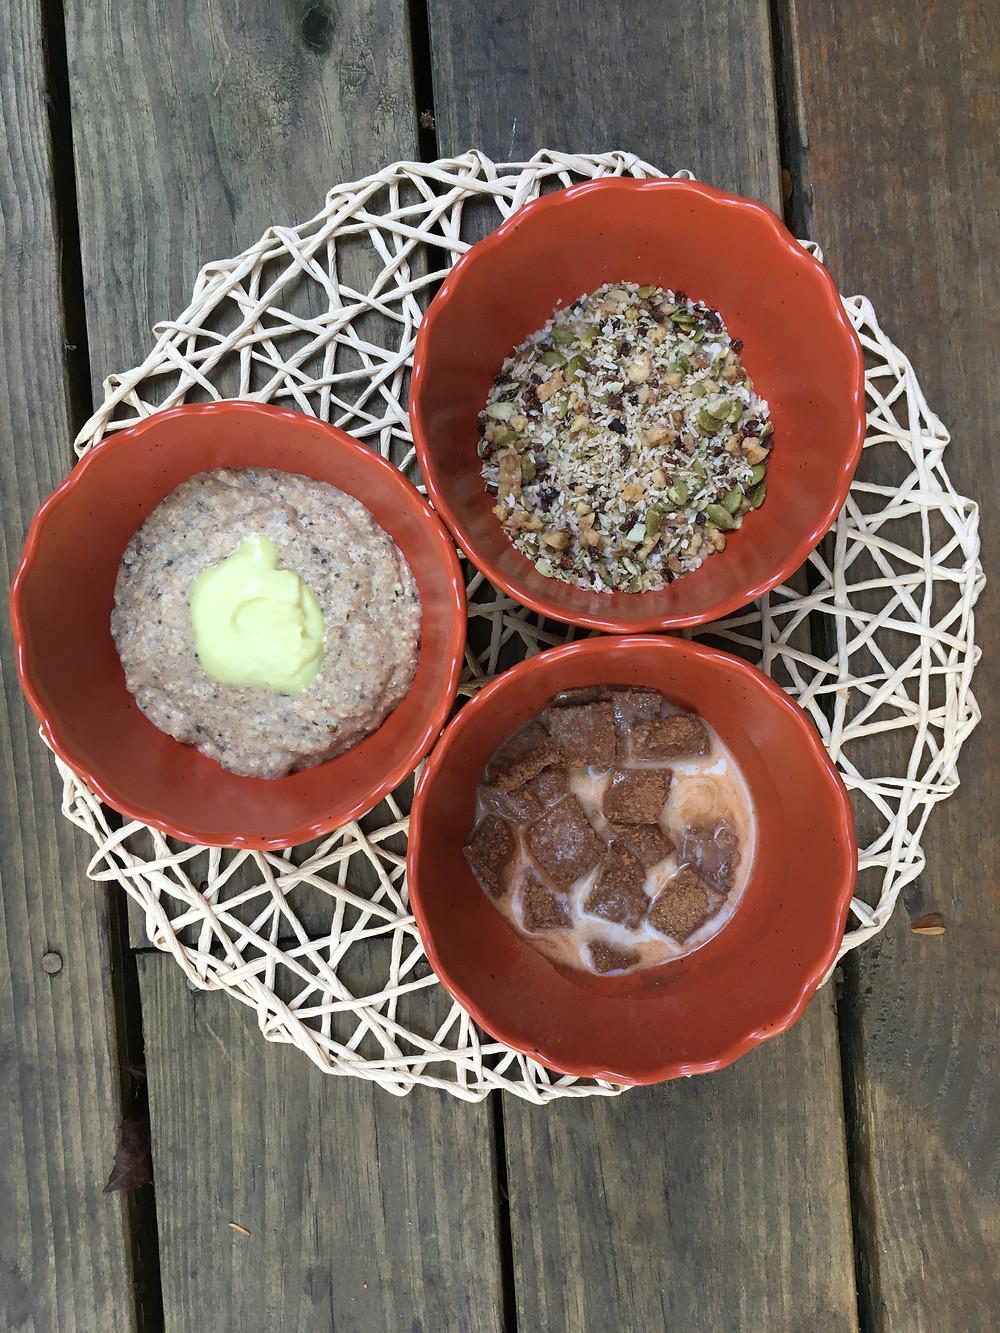 Nooatmeal, Pumpkin Spice Raw-Nola, Cinnamon Crunch Cereals